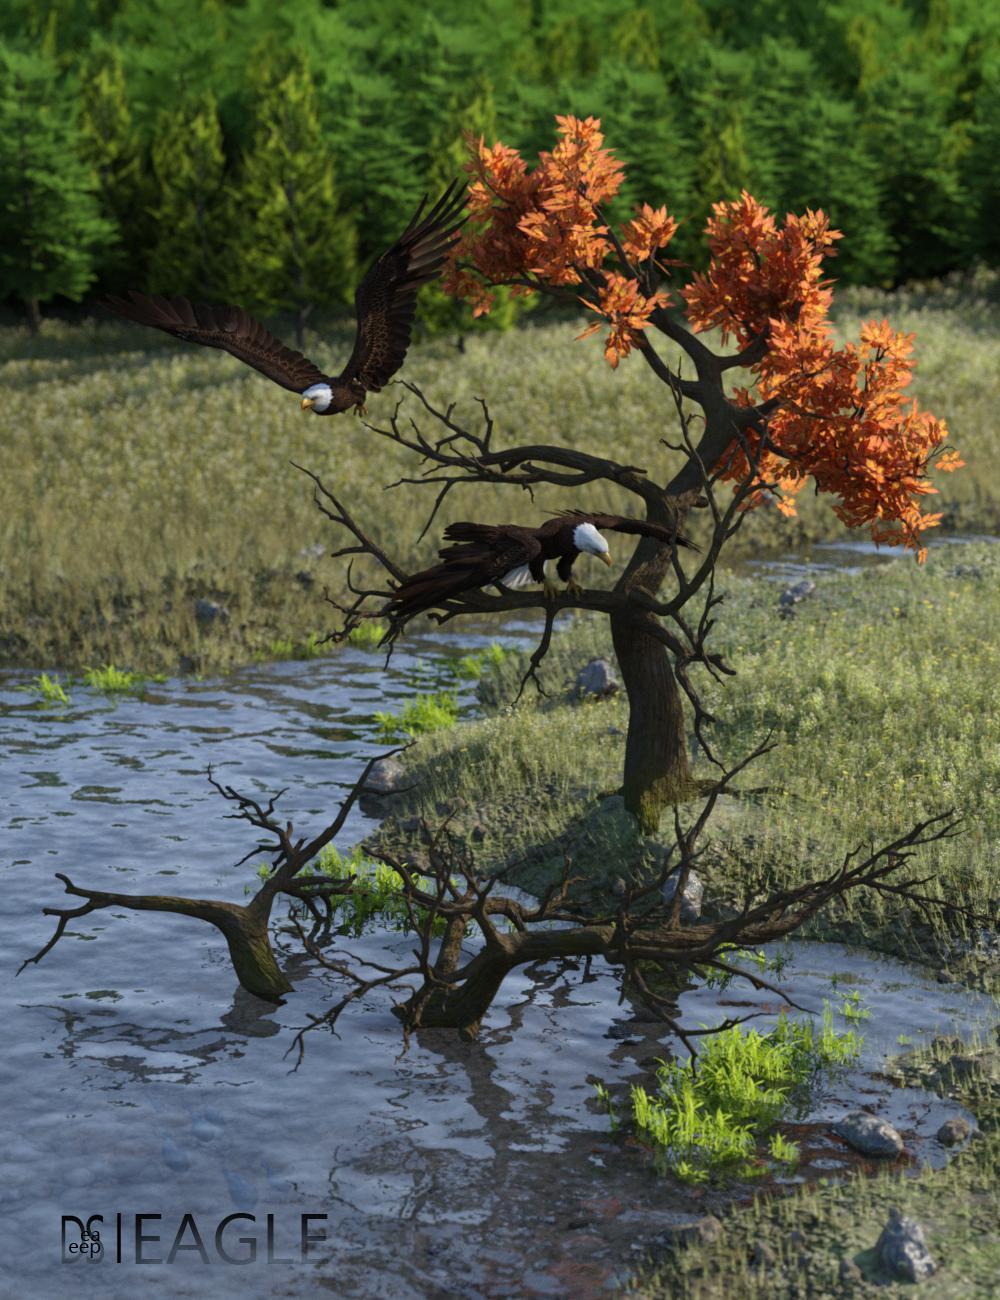 Deepsea's Eagle Tree Environment by: Deepsea, 3D Models by Daz 3D